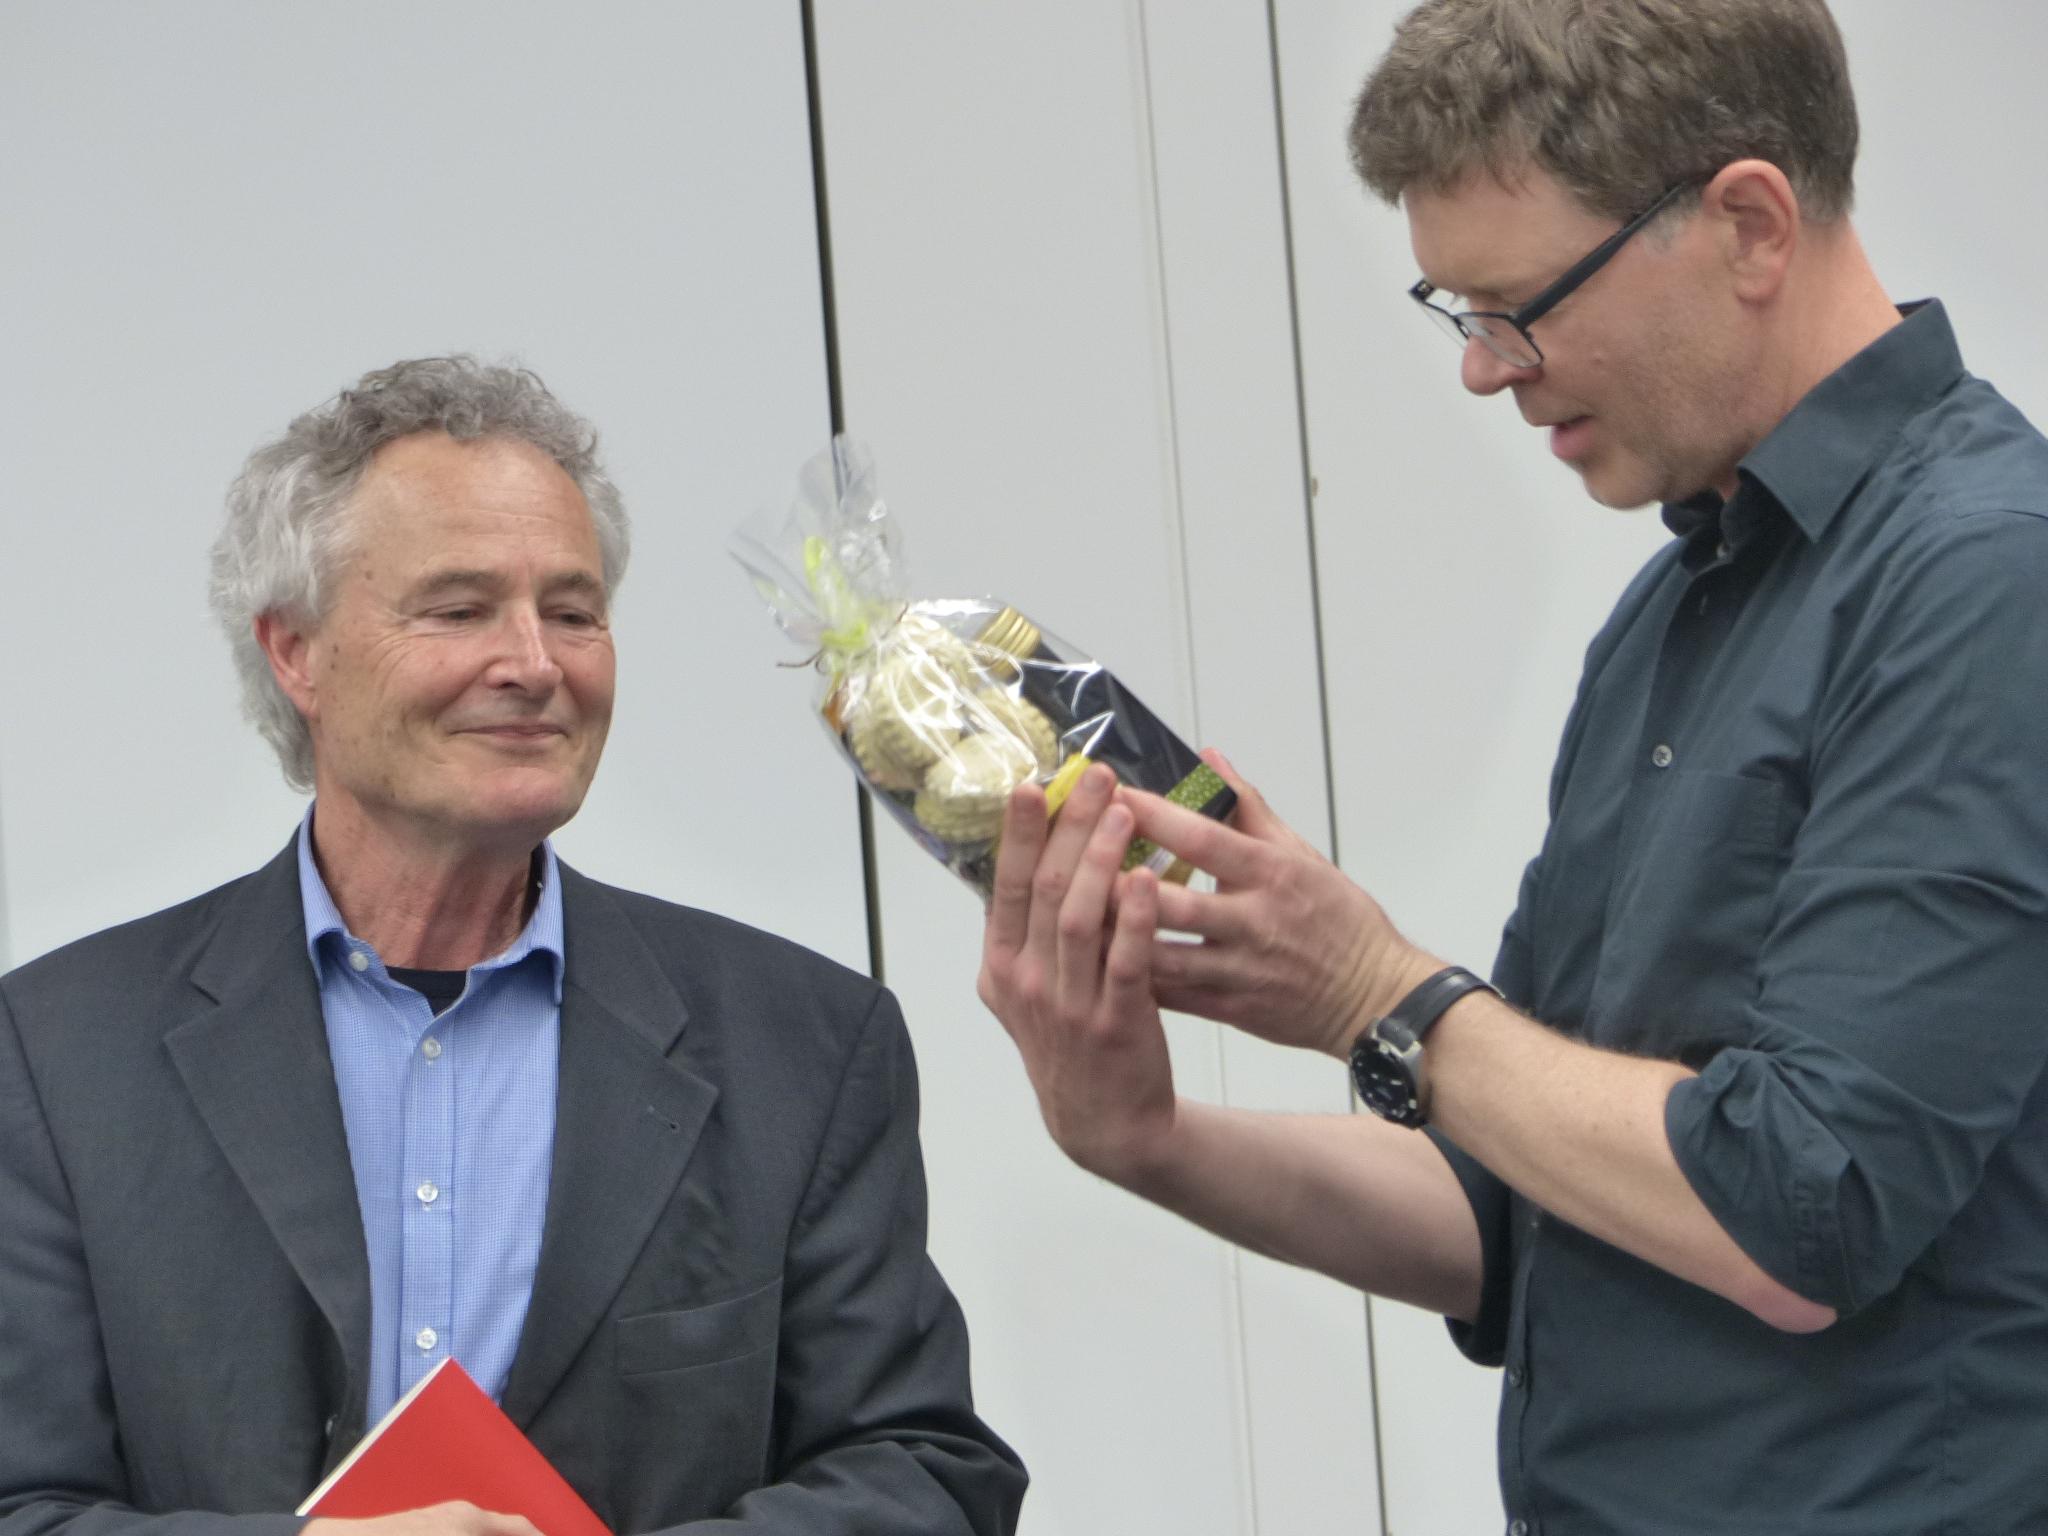 Tobias Kamer, Präsident von ERBINAT bedankt sich mit einem Geschenk bei                   Jean-Bernard Bächtiger für seinen charmant amüsanten Beitrag über Bildung und Wissenschaft